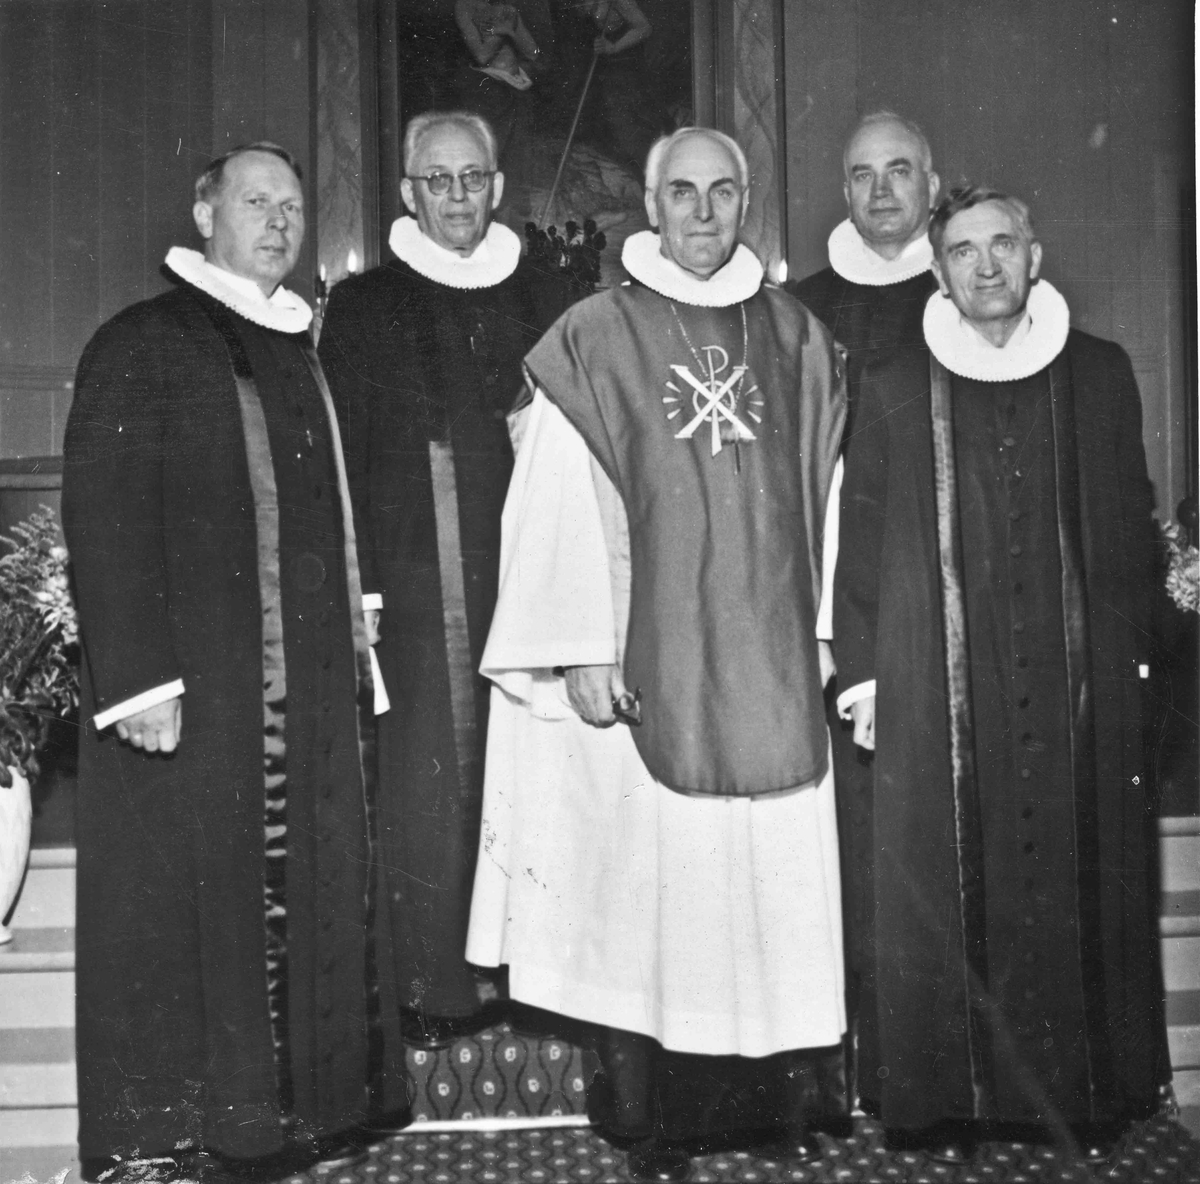 100-års jubileum i Langset kirke i 1959. Fra v.: X, X, Biskop Smedmoe, Aksel Kragseth (prest på Langset), sogneprest Nils Taraldseth.